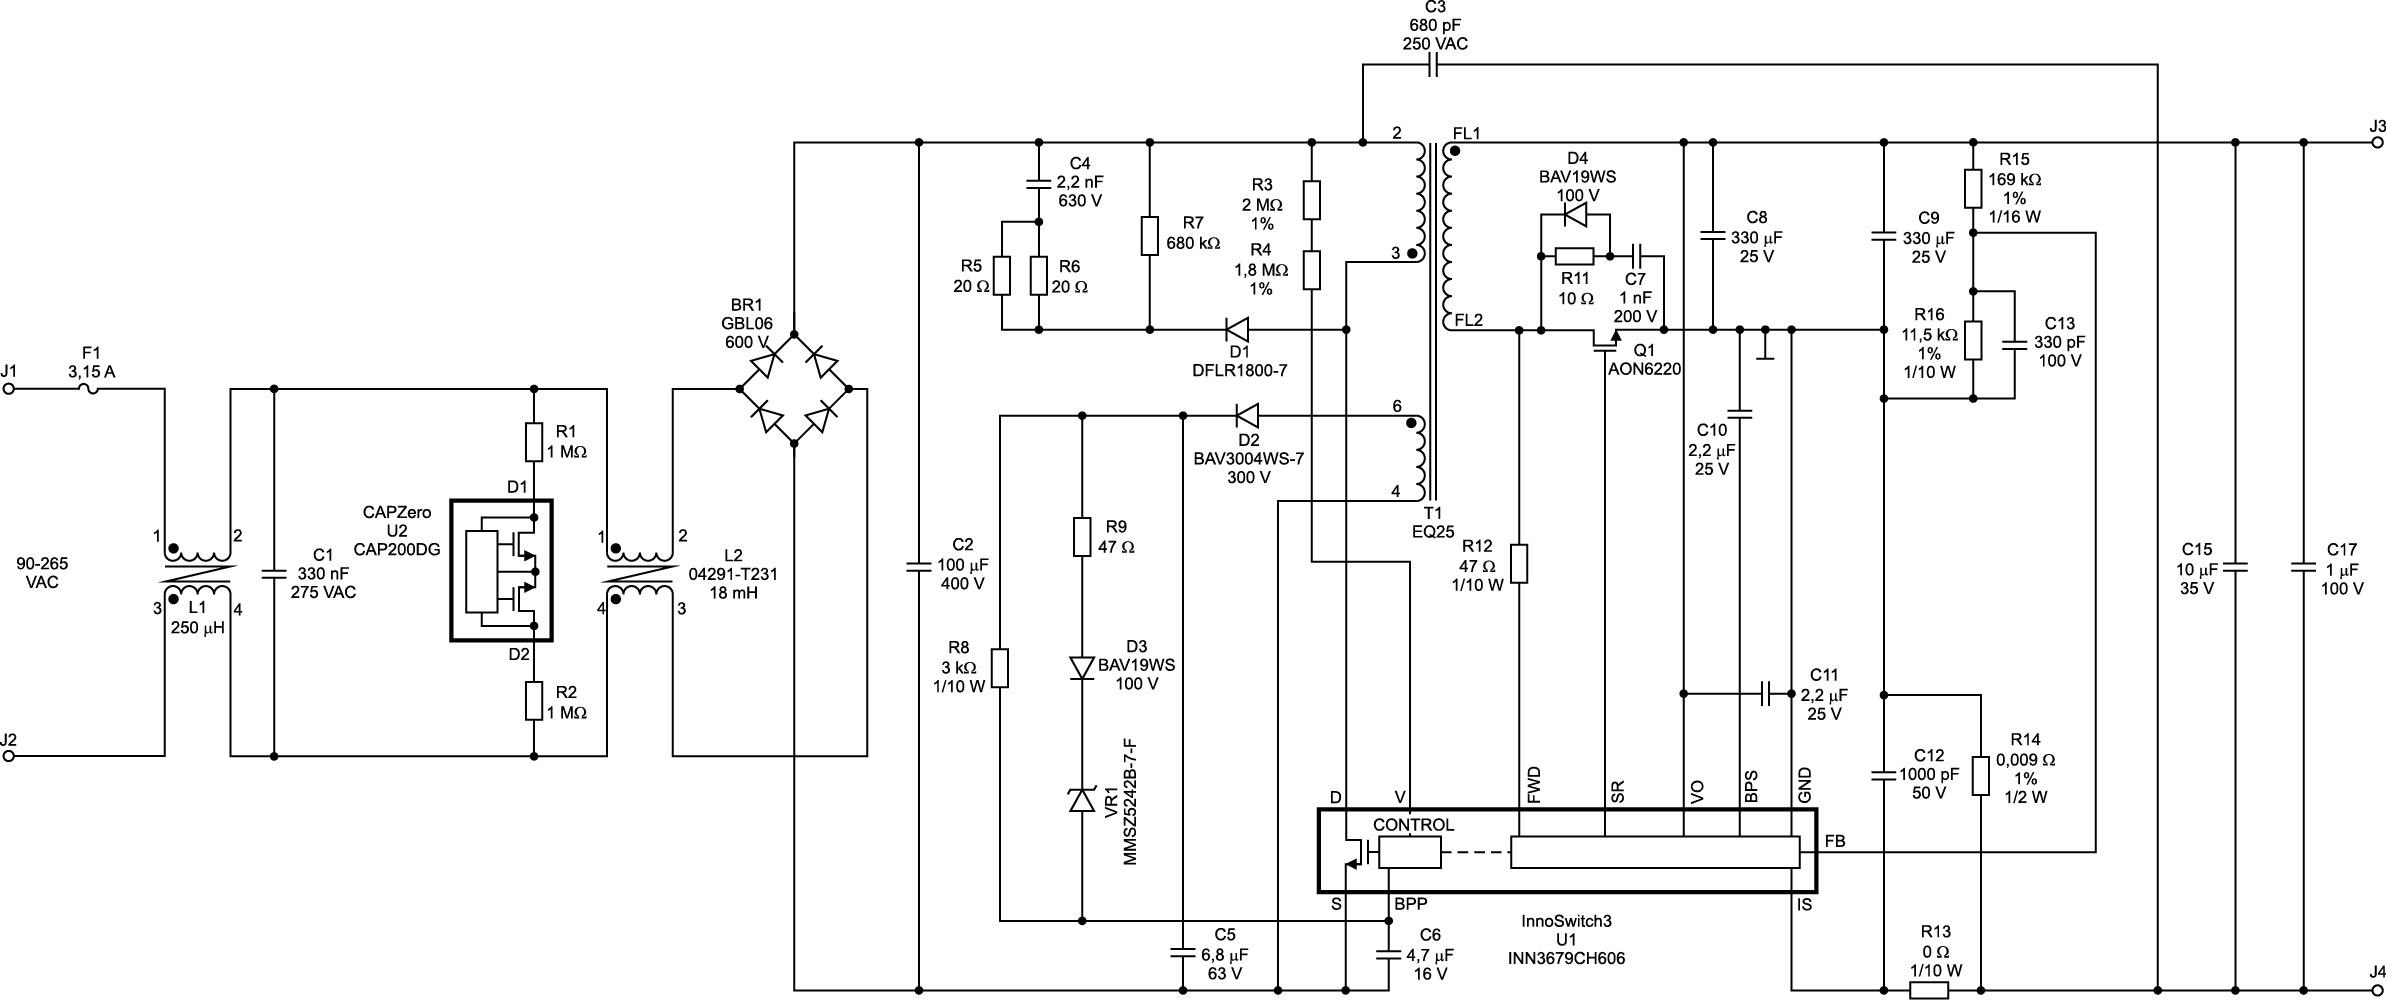 Адаптер DER-747 на базе InnoSwitch3-EP INN3679C. Схема электрическая принципиальная [4]